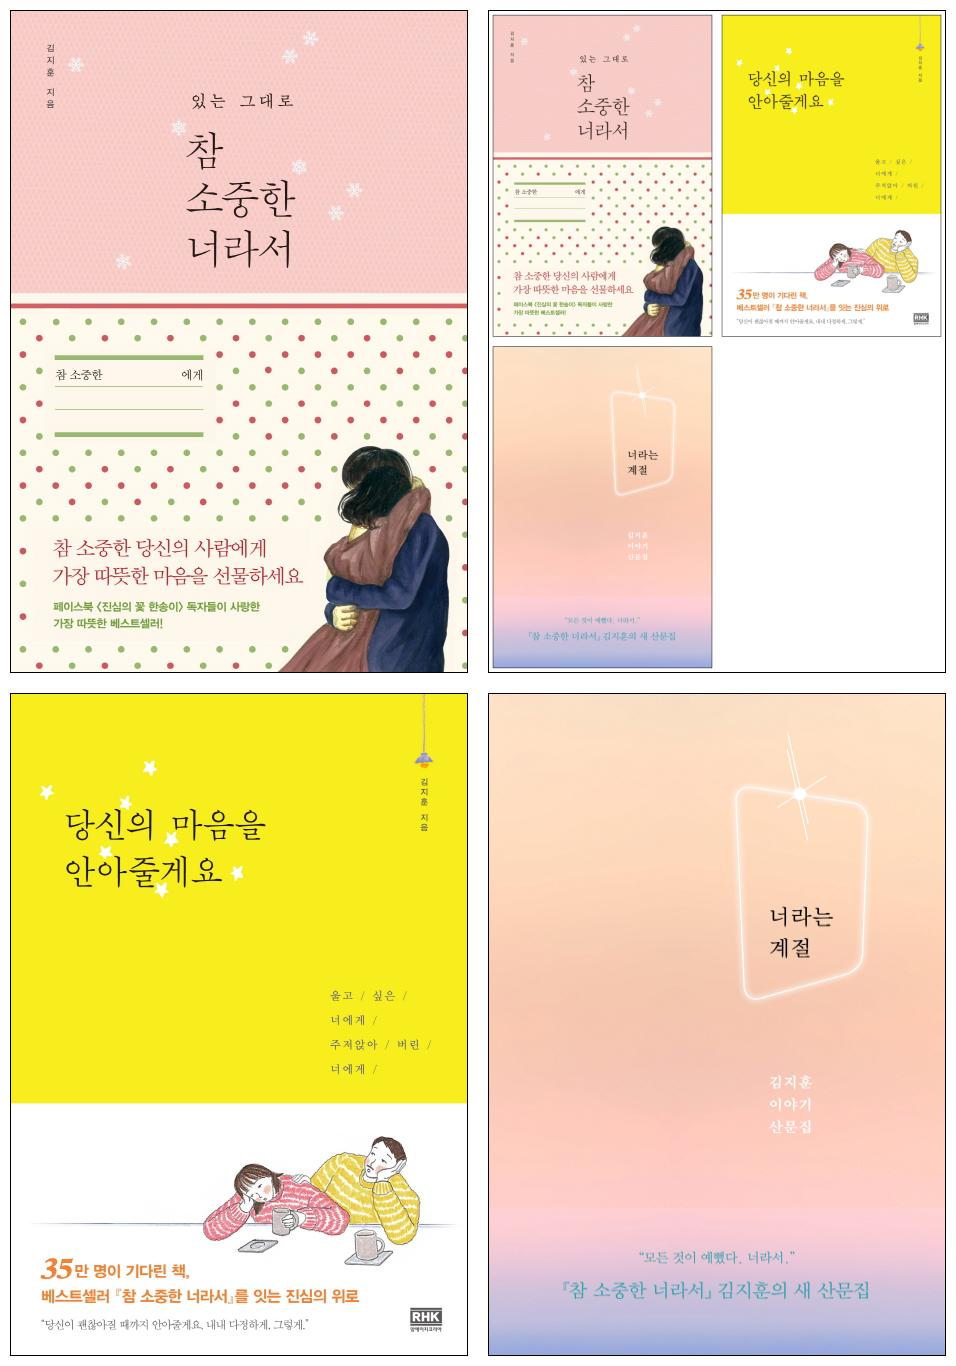 [선택] 참 소중한 너라서 / 당신의 마음을 안아줄게요  김지훈 에세이